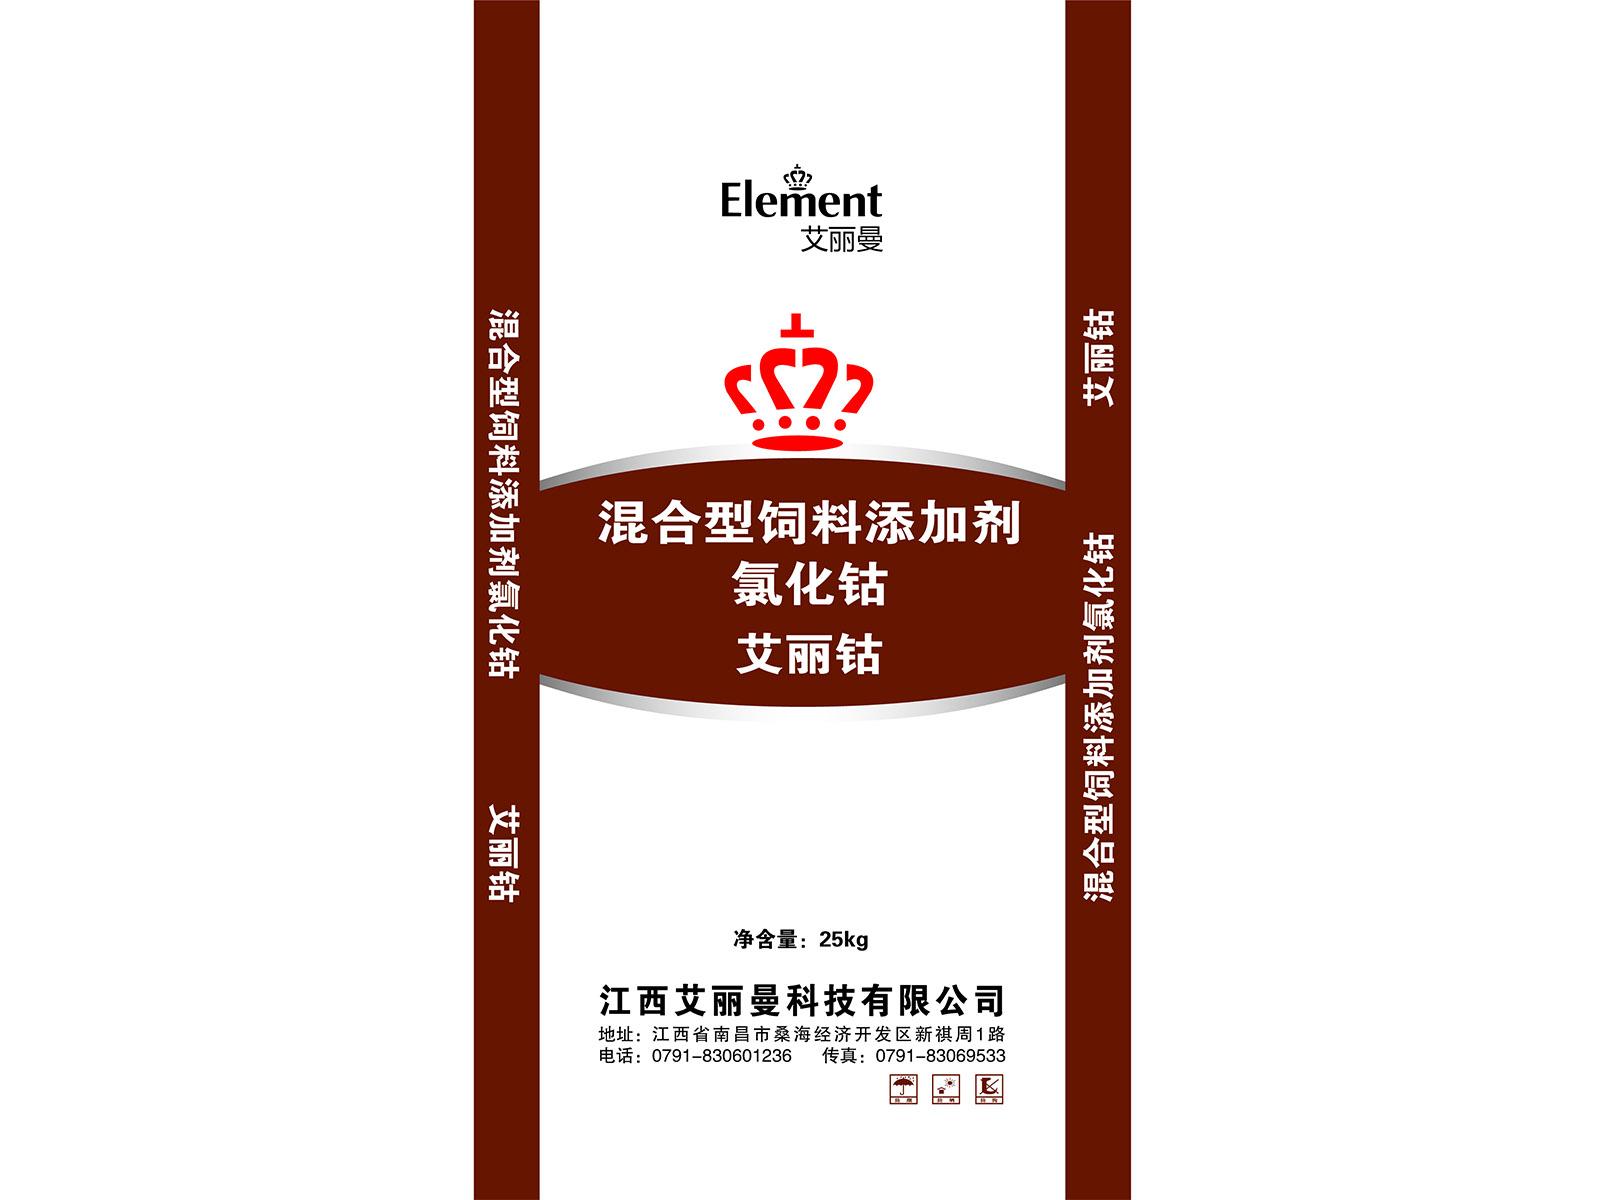 硫酸铜80目厂家|南昌可信赖的微量元素饲料添加剂经销商